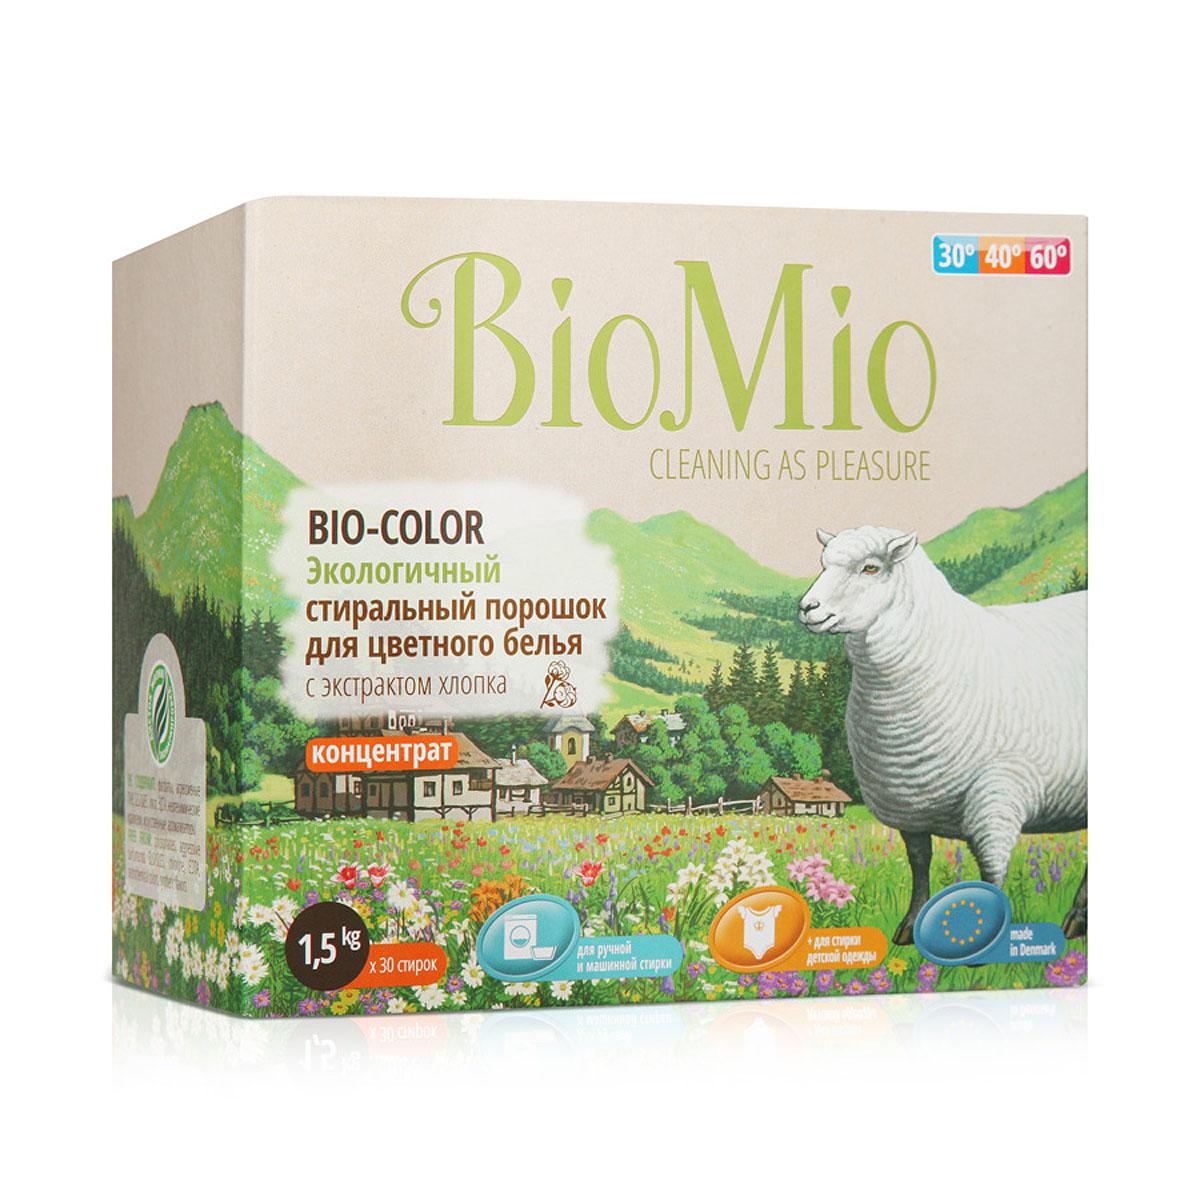 Стиральный порошок BioMio, для цветного белья, с экстрактом хлопка, 1,5 кгПЦ-415Экологичный стиральный порошок BioMio эффективно удаляет пятна и загрязнения, сохраняя структуру ткани и первозданный цвет. Подходит для ручной и машинной стирки. Концентрированная формула обеспечивает экономичный расход. Идеально подходит для стирки детского белья и одежды людей с чувствительной кожей. Полностью выполаскивается, исключает попадание на кожу моющих средств, способных вызывать раздражение чувствительной кожи. Средство без запаха не содержит эфирных масел, что делает его абсолютно безопасным для детской одежды. Безопасен для планеты. Не содержит: фосфаты, агрессивные ПАВ, SLS/SLES, хлор, EDTA, нефтехимические красители, искусственные ароматизаторы. BioMio - линейка эффективных средств для дома, использование которых приносит только удовольствие. Уборка помогает не только очистить и гармонизировать свое пространство, но и себя, свои мысли, поэтому важно ее делать с радостью. Средства, созданные с любовью и заботой, помогут в этом и идеально...